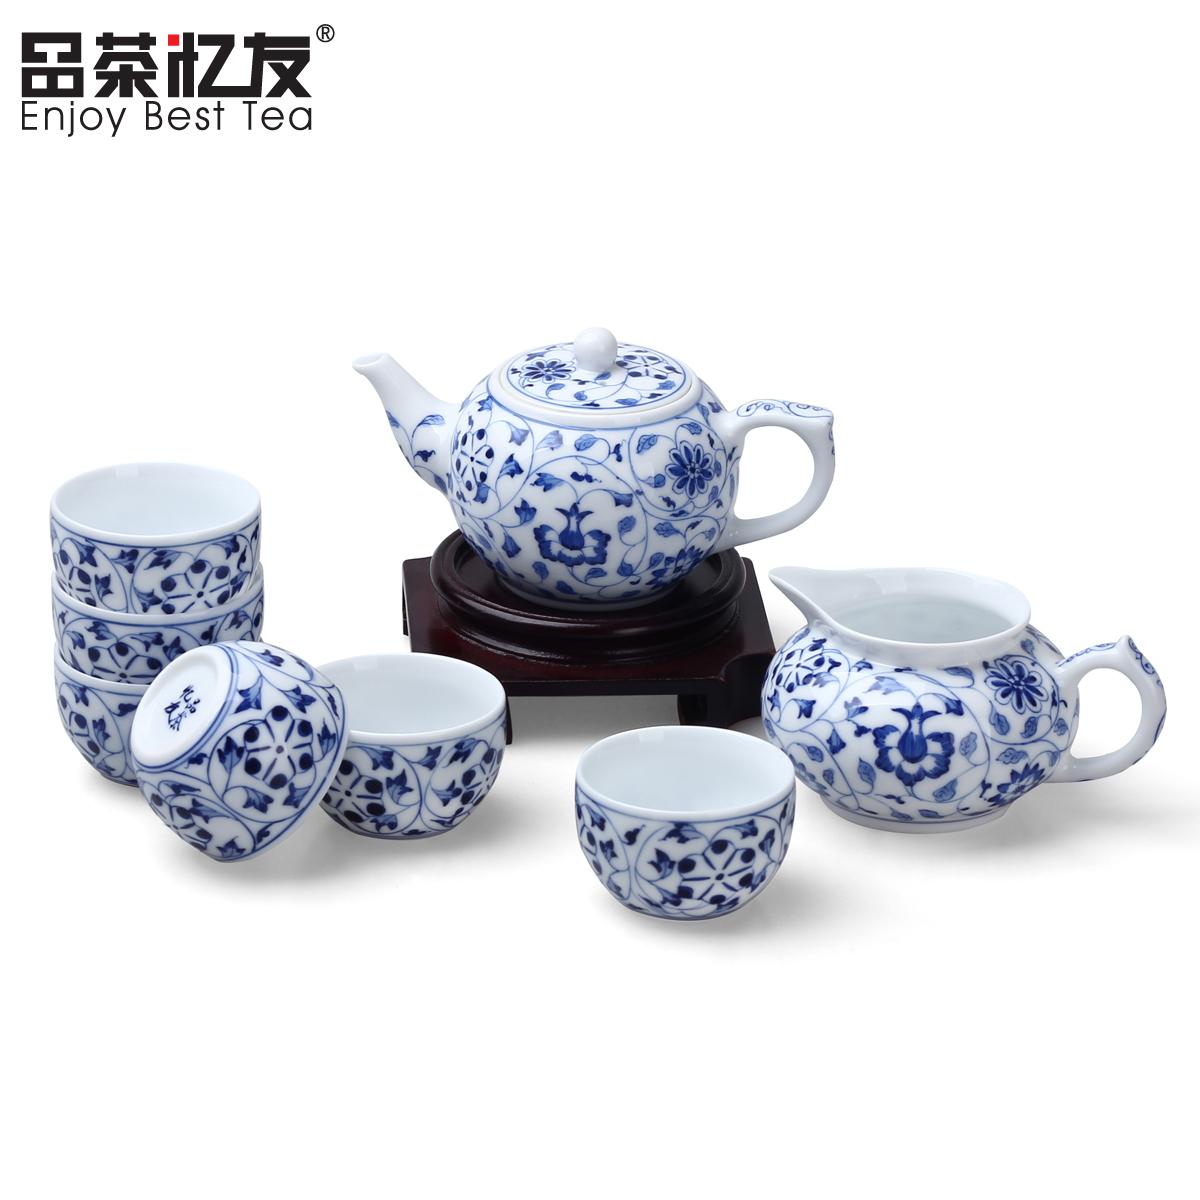 品茶忆友 缠枝青花套组 纯手绘图案景德镇青花瓷茶具套装 8头茶具